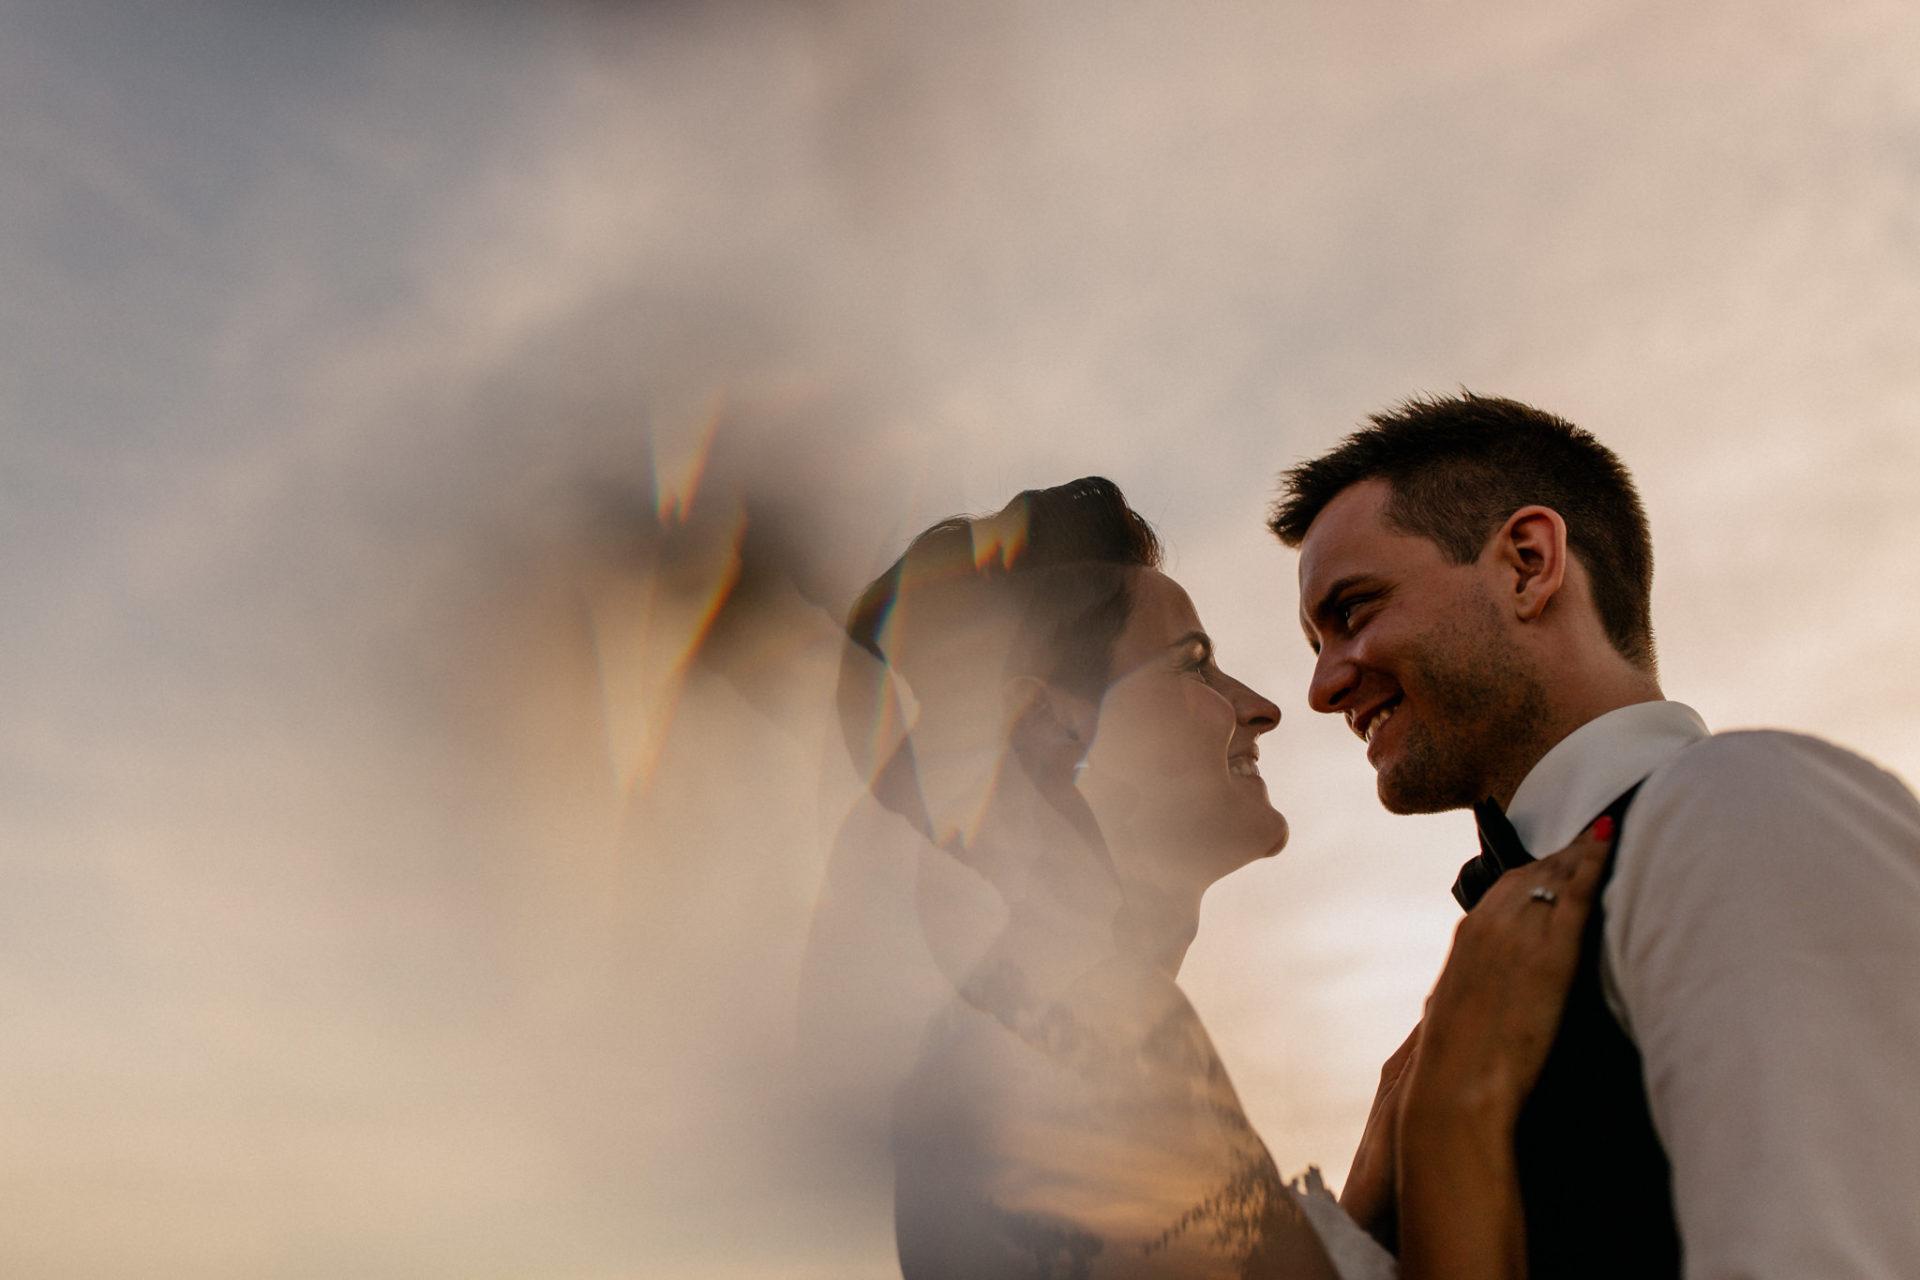 Weingut Fitz Ritter Hochzeitsfotograf-heiraten Pfalz-Sommerhochzeit Braut und Bräutigam Shoot